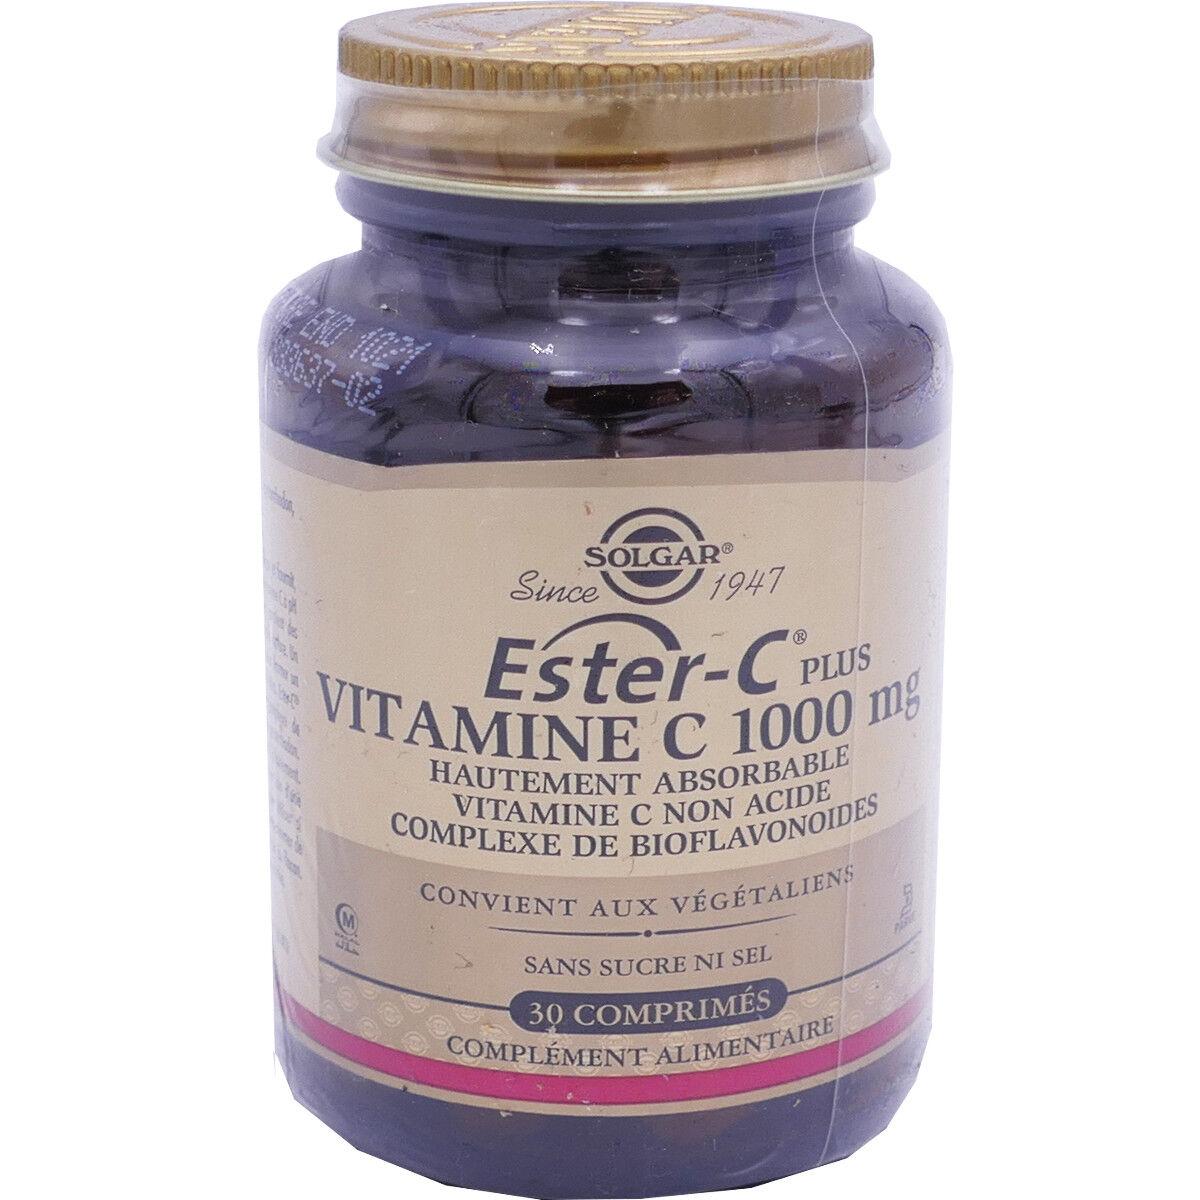 Solgar ester-c plus vitamine c 100 mg 30 comprimes